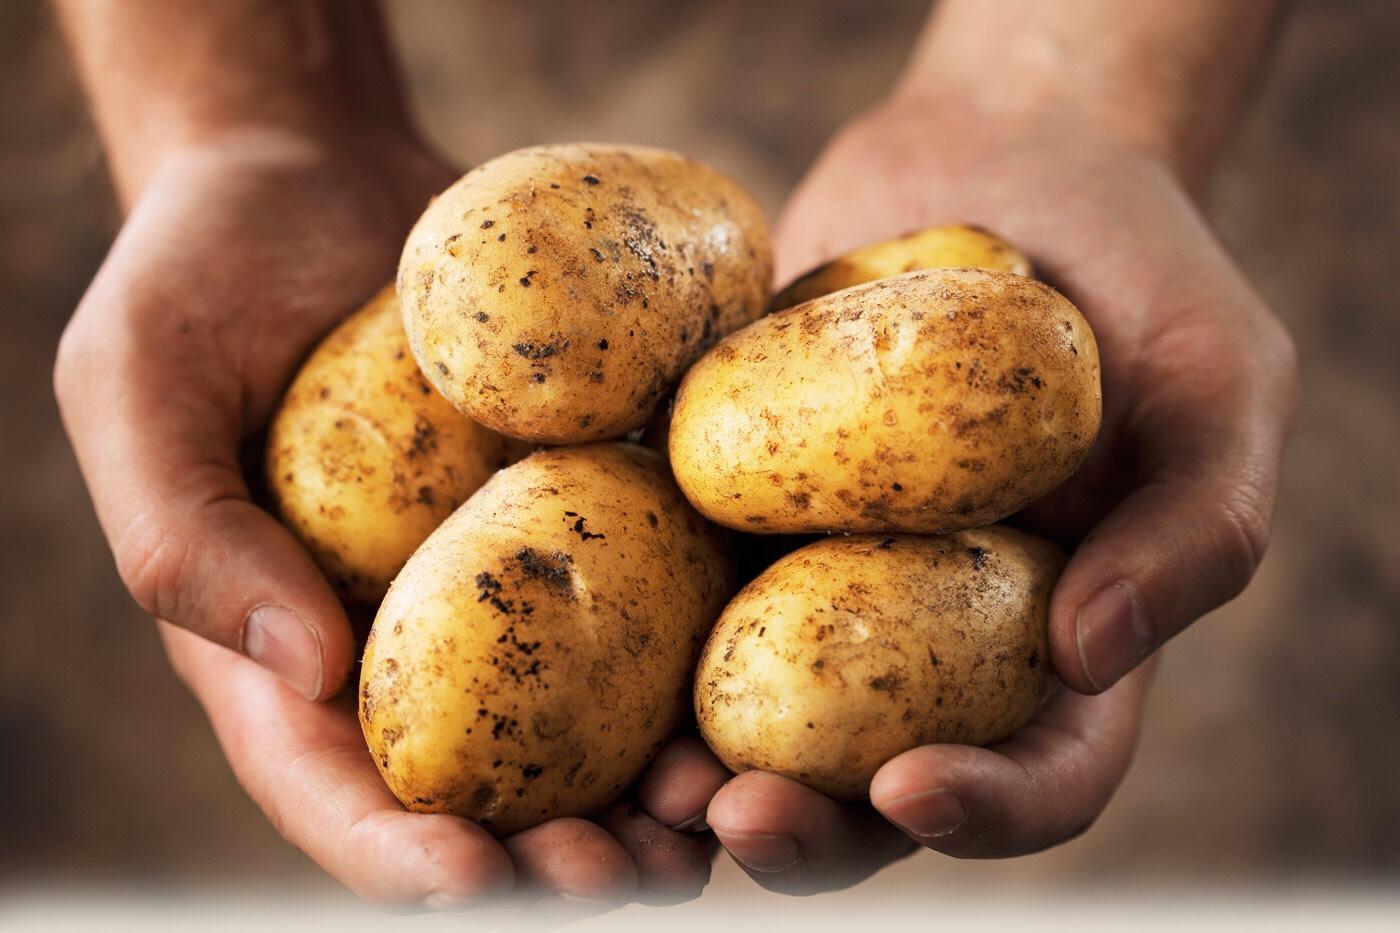 You need potatoes